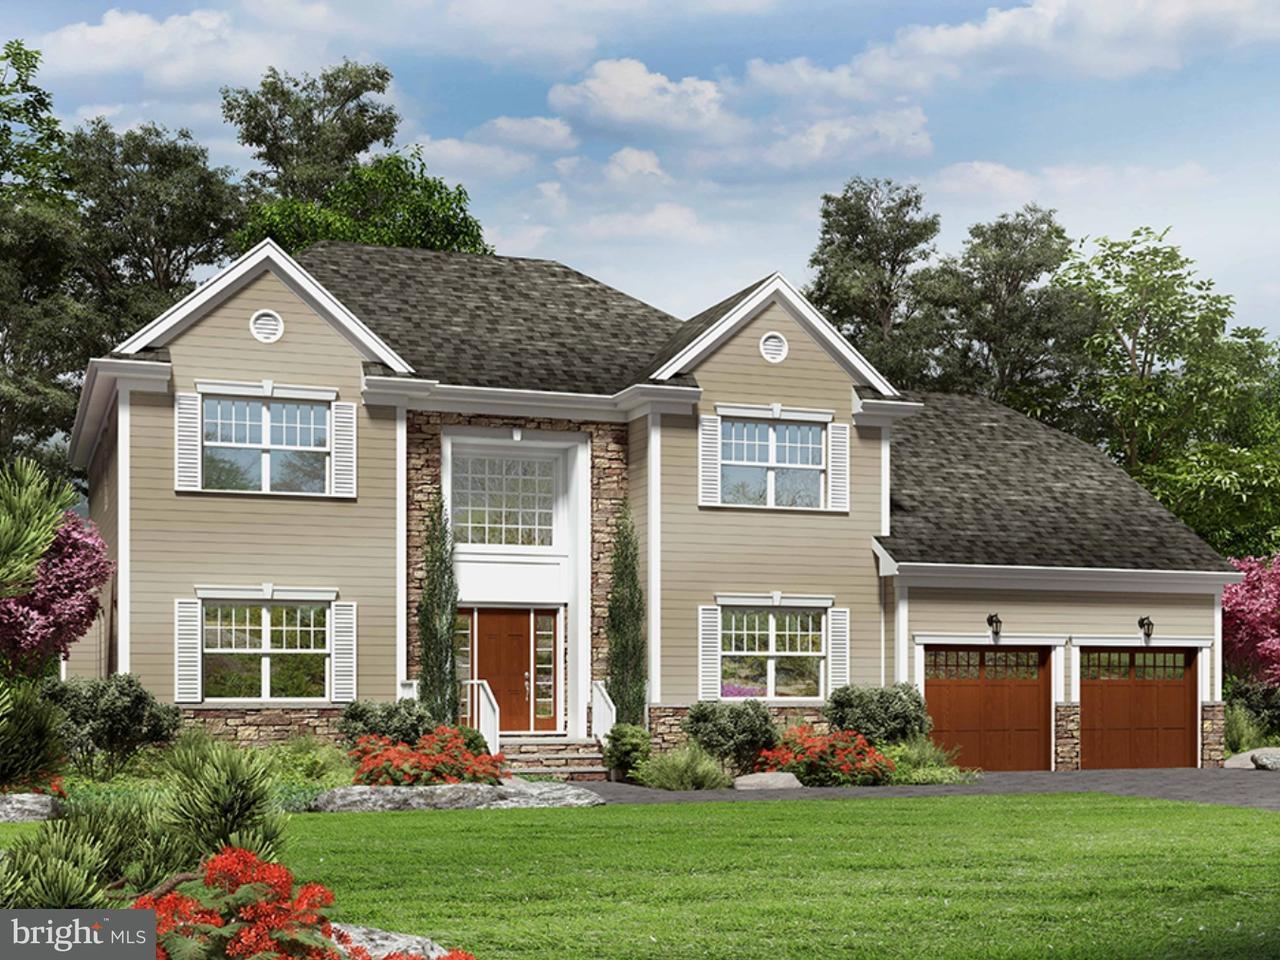 独户住宅 为 销售 在 VAN AKEN Road Belle Mead, 新泽西州 07480 美国在/周边: Montgomery Township